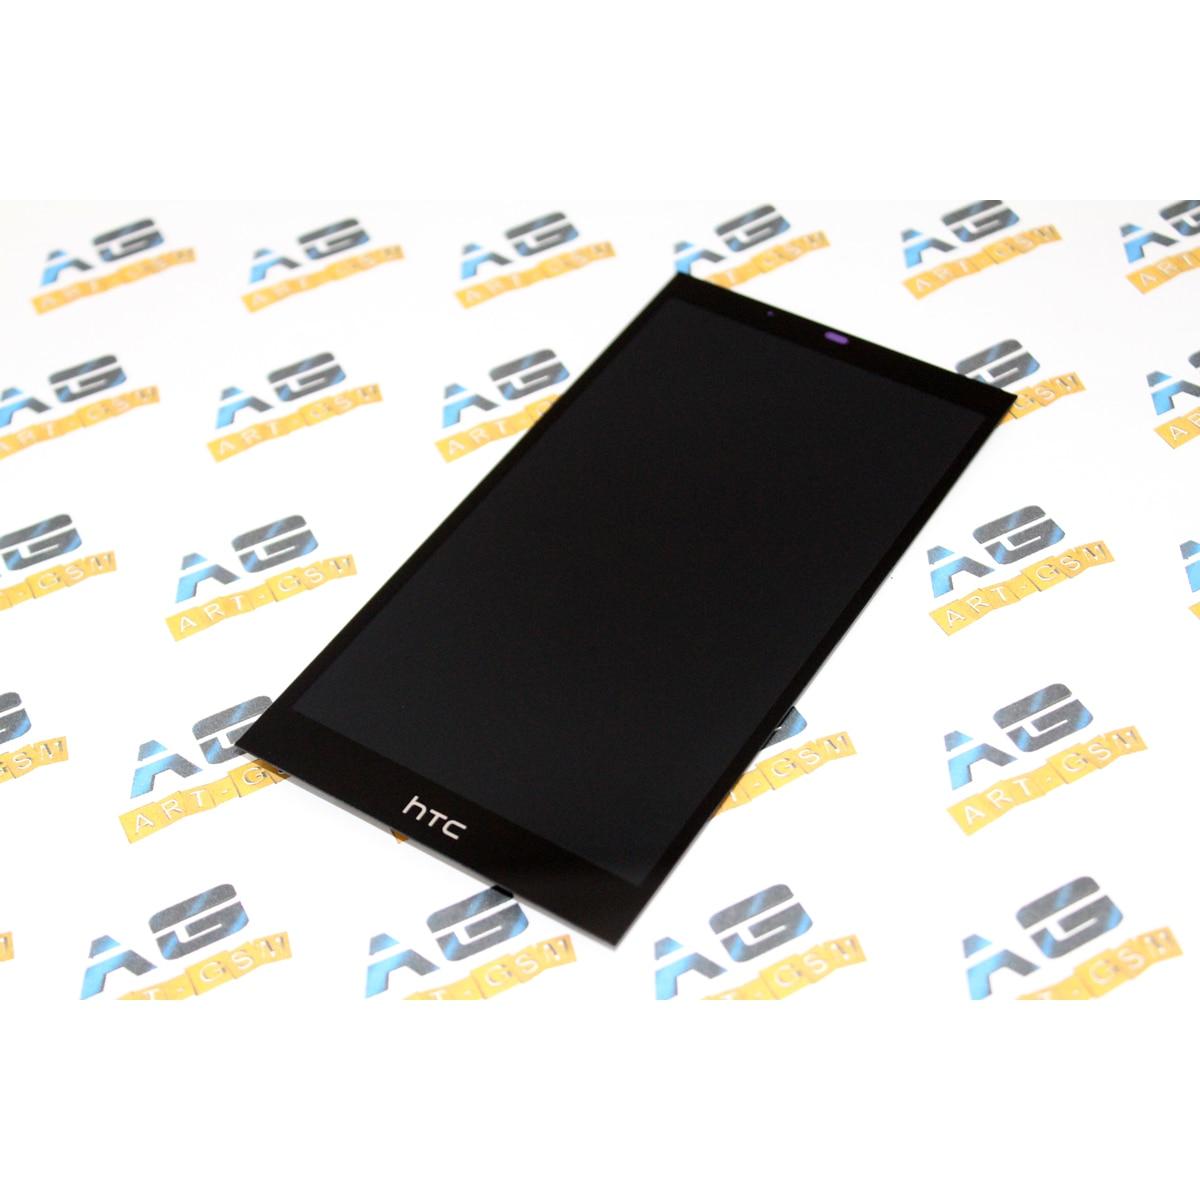 Дисплей HTC Desire 626 с тачскрином (Модуль)|Экраны для мобильных телефонов|   | АлиЭкспресс - Запчасти